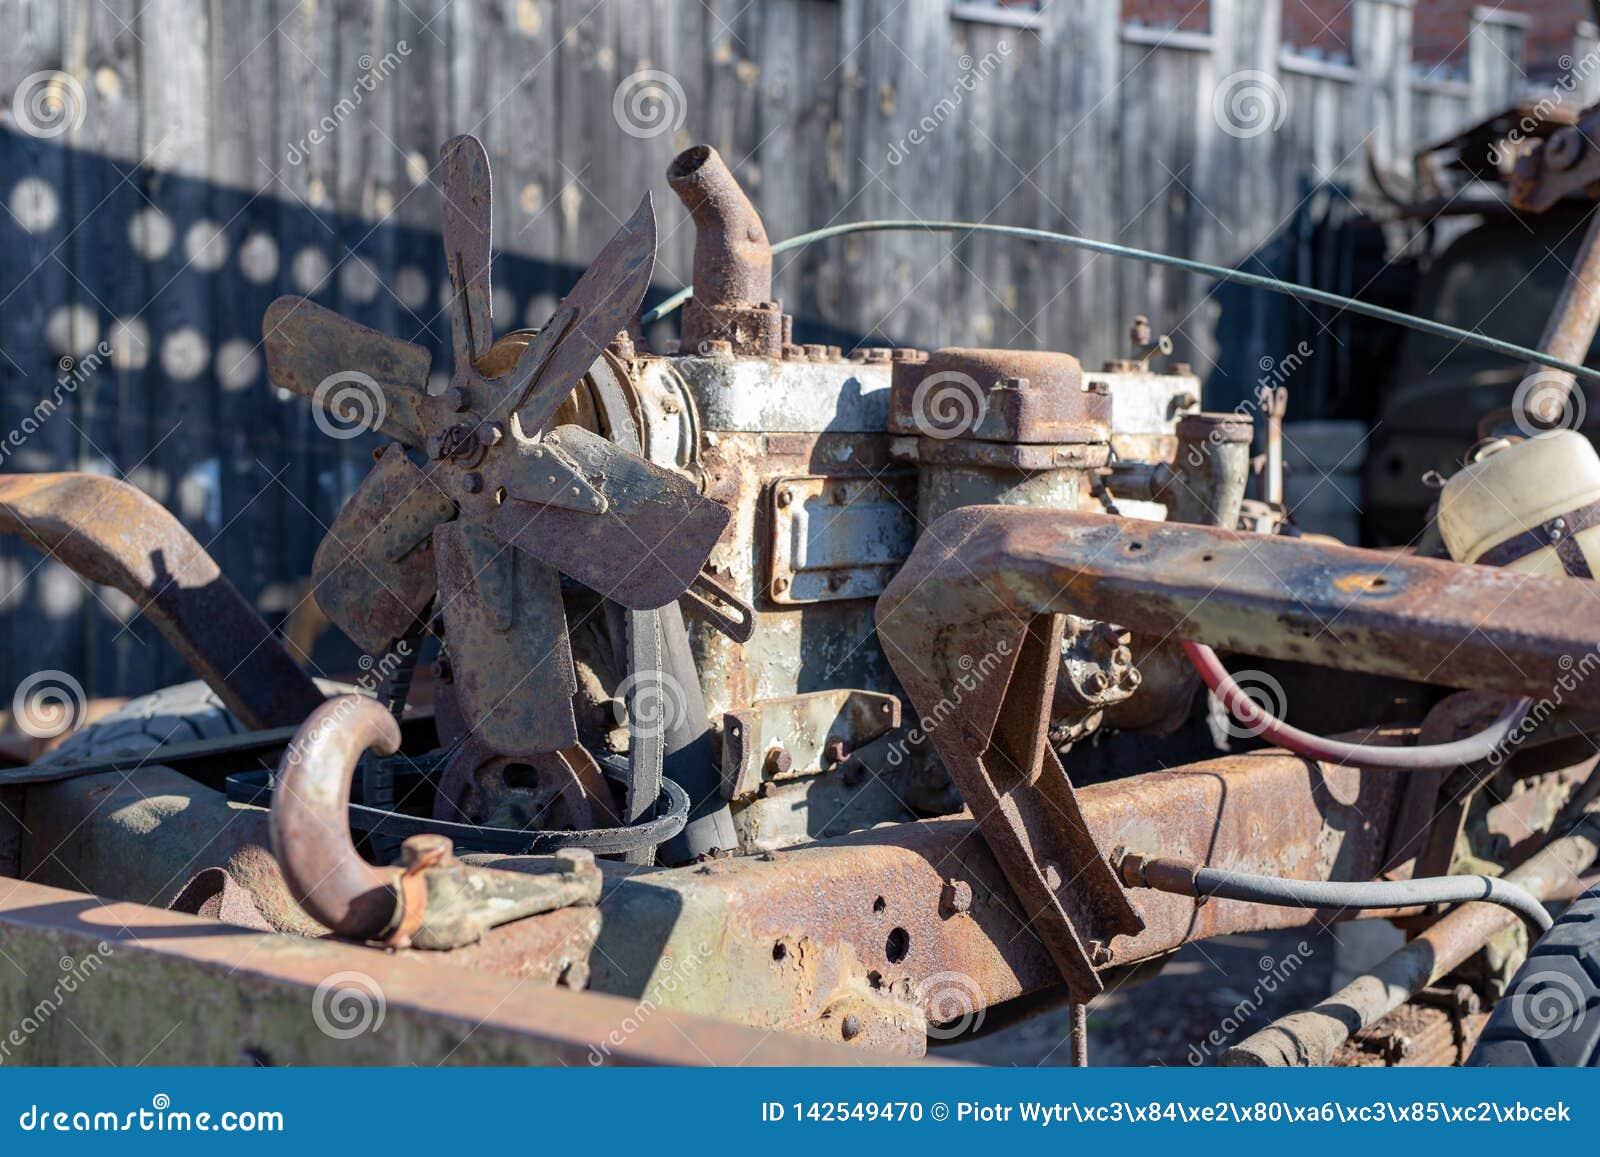 https://thumbs.dreamstime.com/z/un-vieux-moteur-diesel-dans-une-voiture-militaire-objets-expos%C3%A9s-le-mus%C3%A9e-du-tecniki-vue-au-ch%C3%A2teau-de-patrimoine-mondial-cesky-142549470.jpg